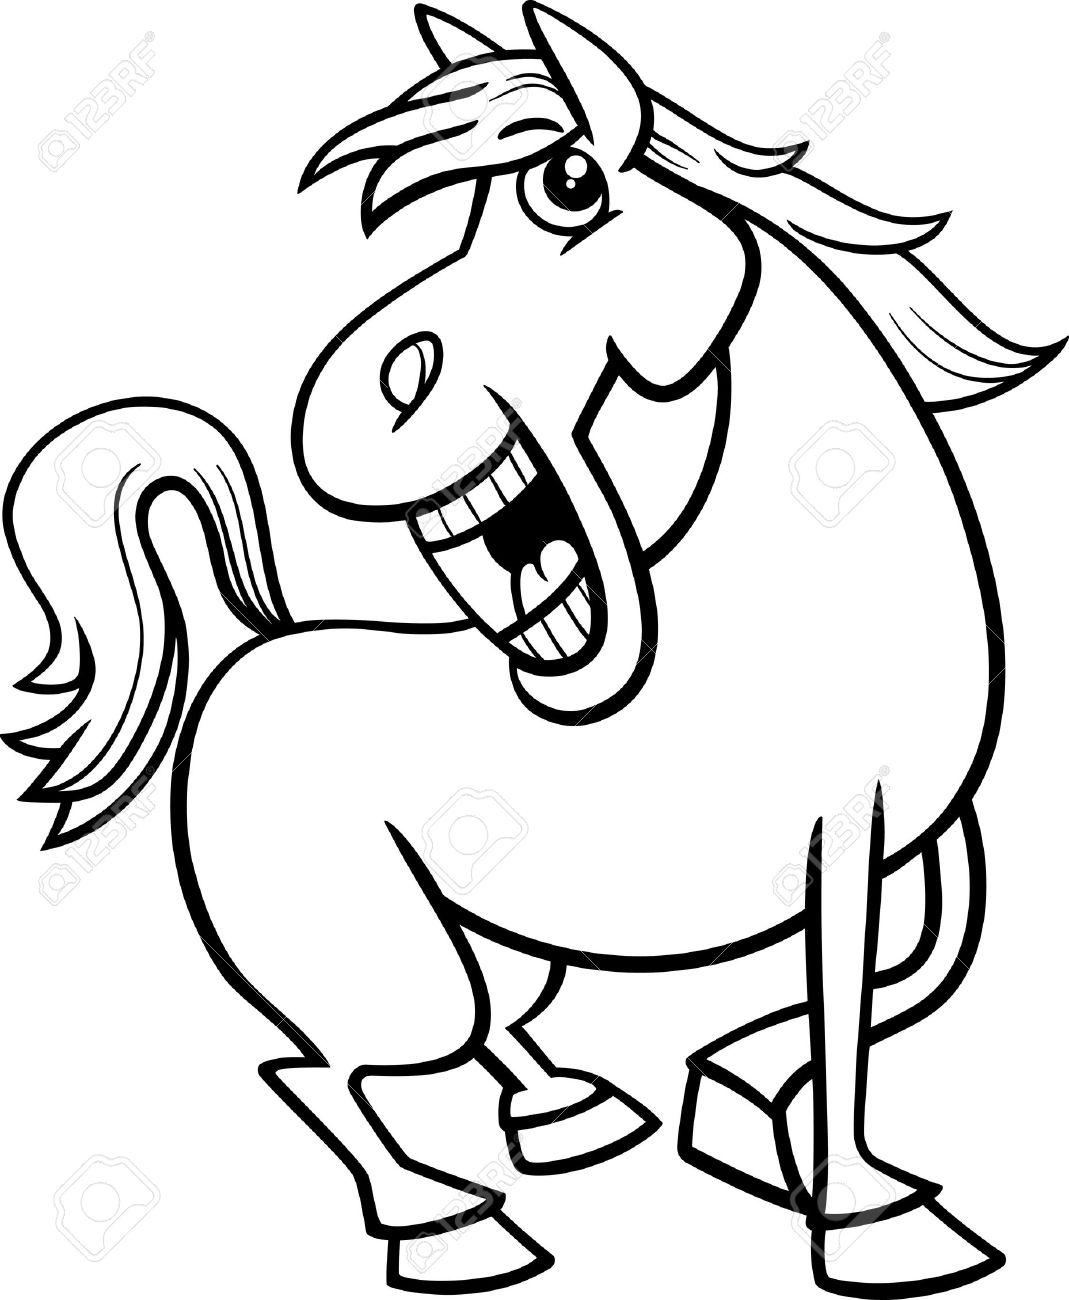 塗り絵の面白い馬ファーム動物文字の白黒漫画イラスト ロイヤリティ